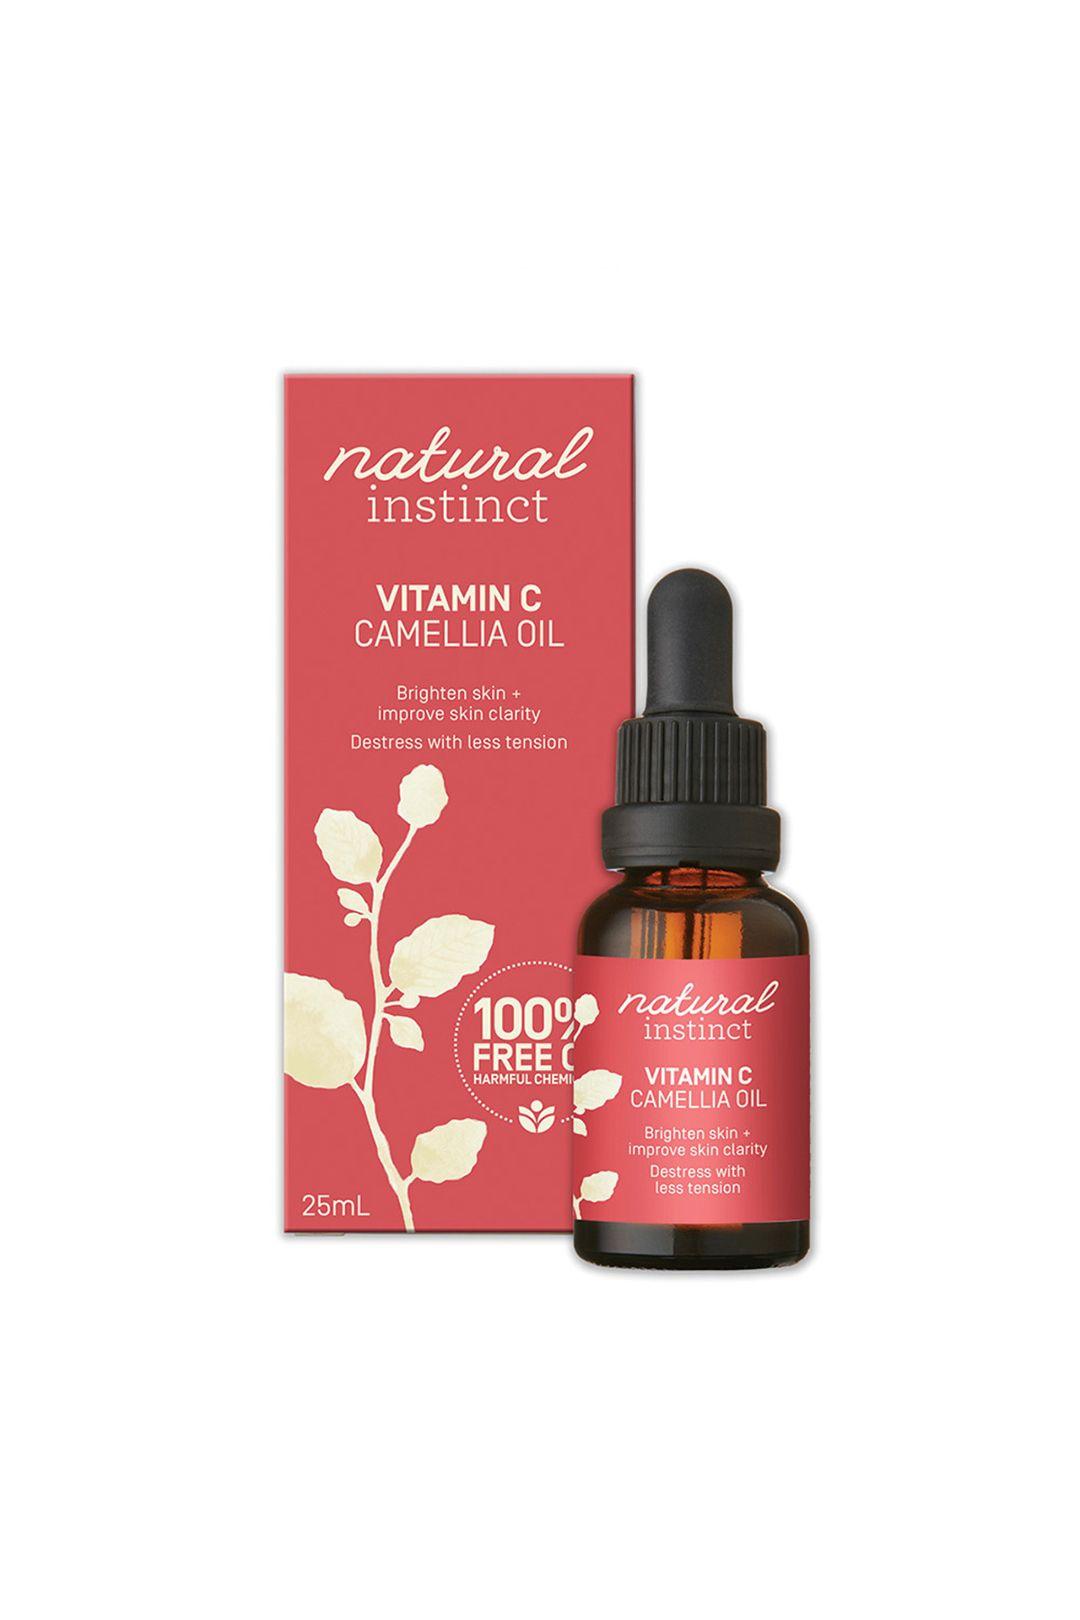 natural-instinct-vitamin-c-camellia-oil-25ml